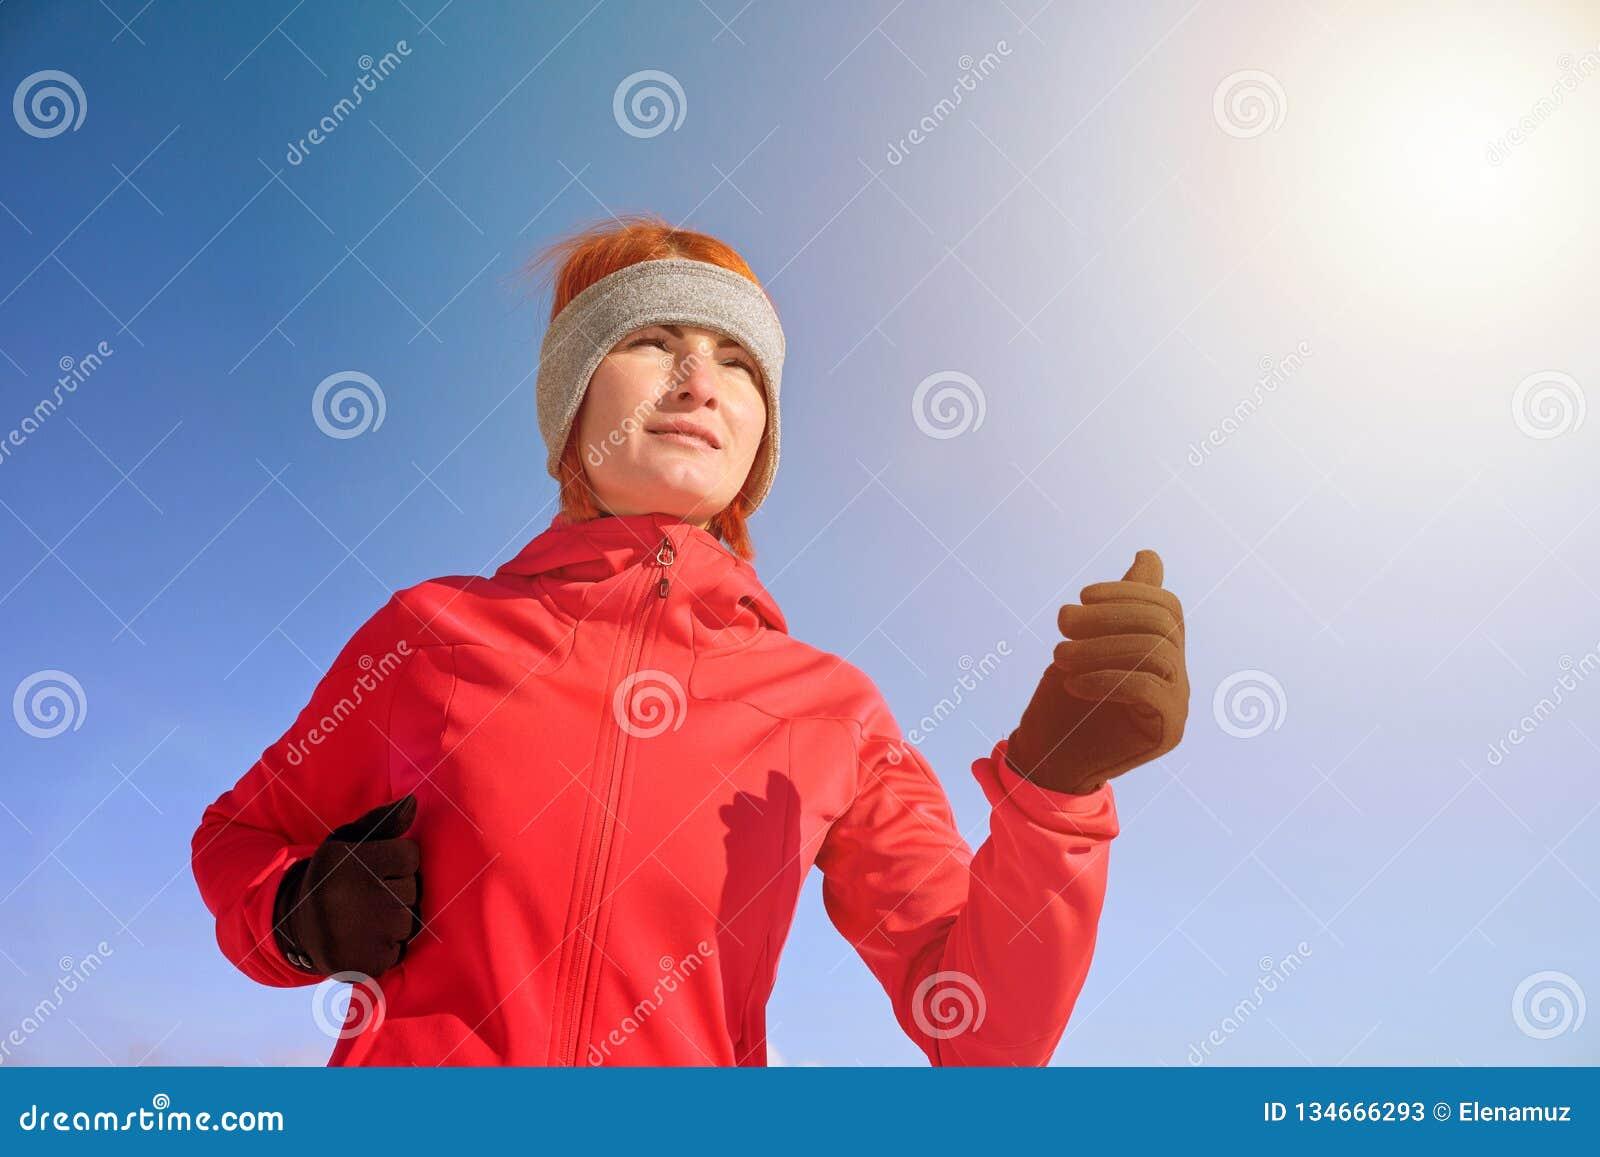 Mujer corriente del deporte Corredor femenino que activa en el parque frío del invierno que lleva la ropa y guantes corrientes de